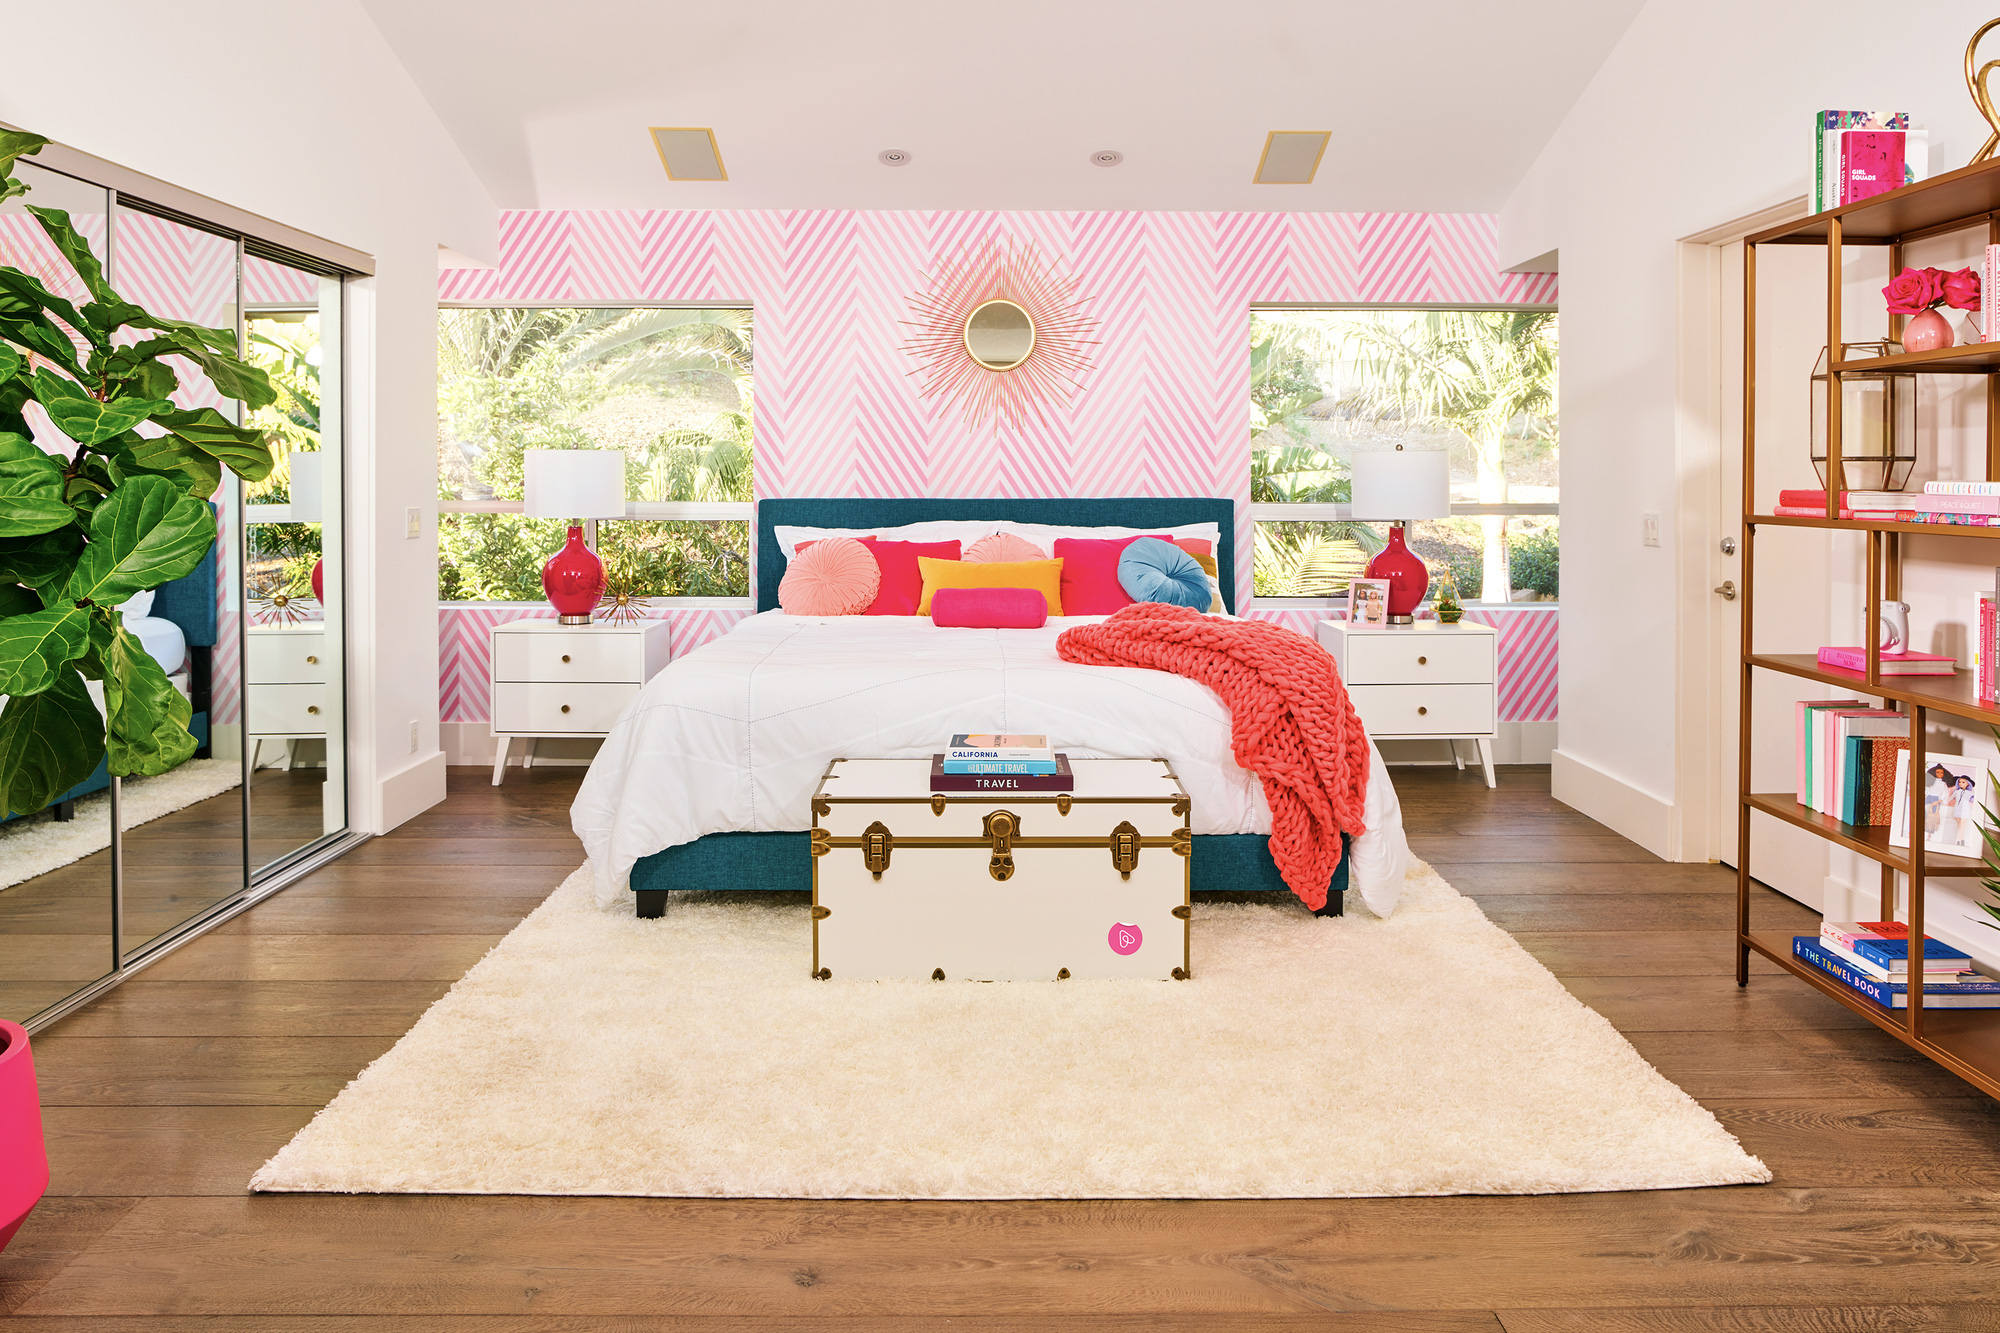 Ngôi nhà búp bê Barbie phiên bản hàng thật với giá 1,3 triệu/đêm, các cô gái nhanh tay xách vali lên nào - Ảnh 11.